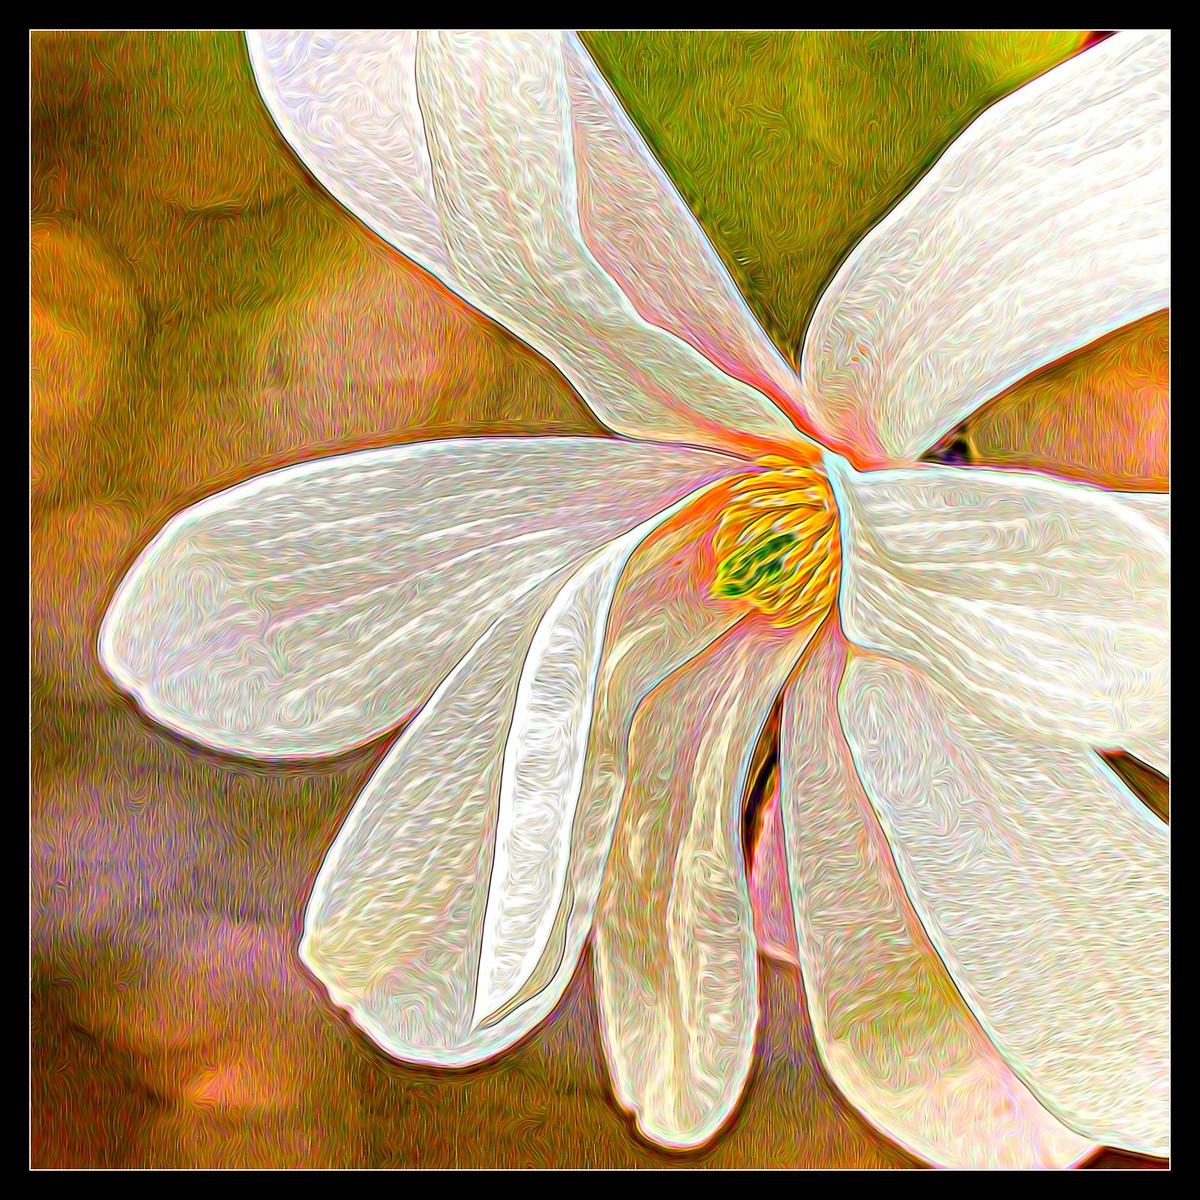 玉蘭花開春色到_圖1-8